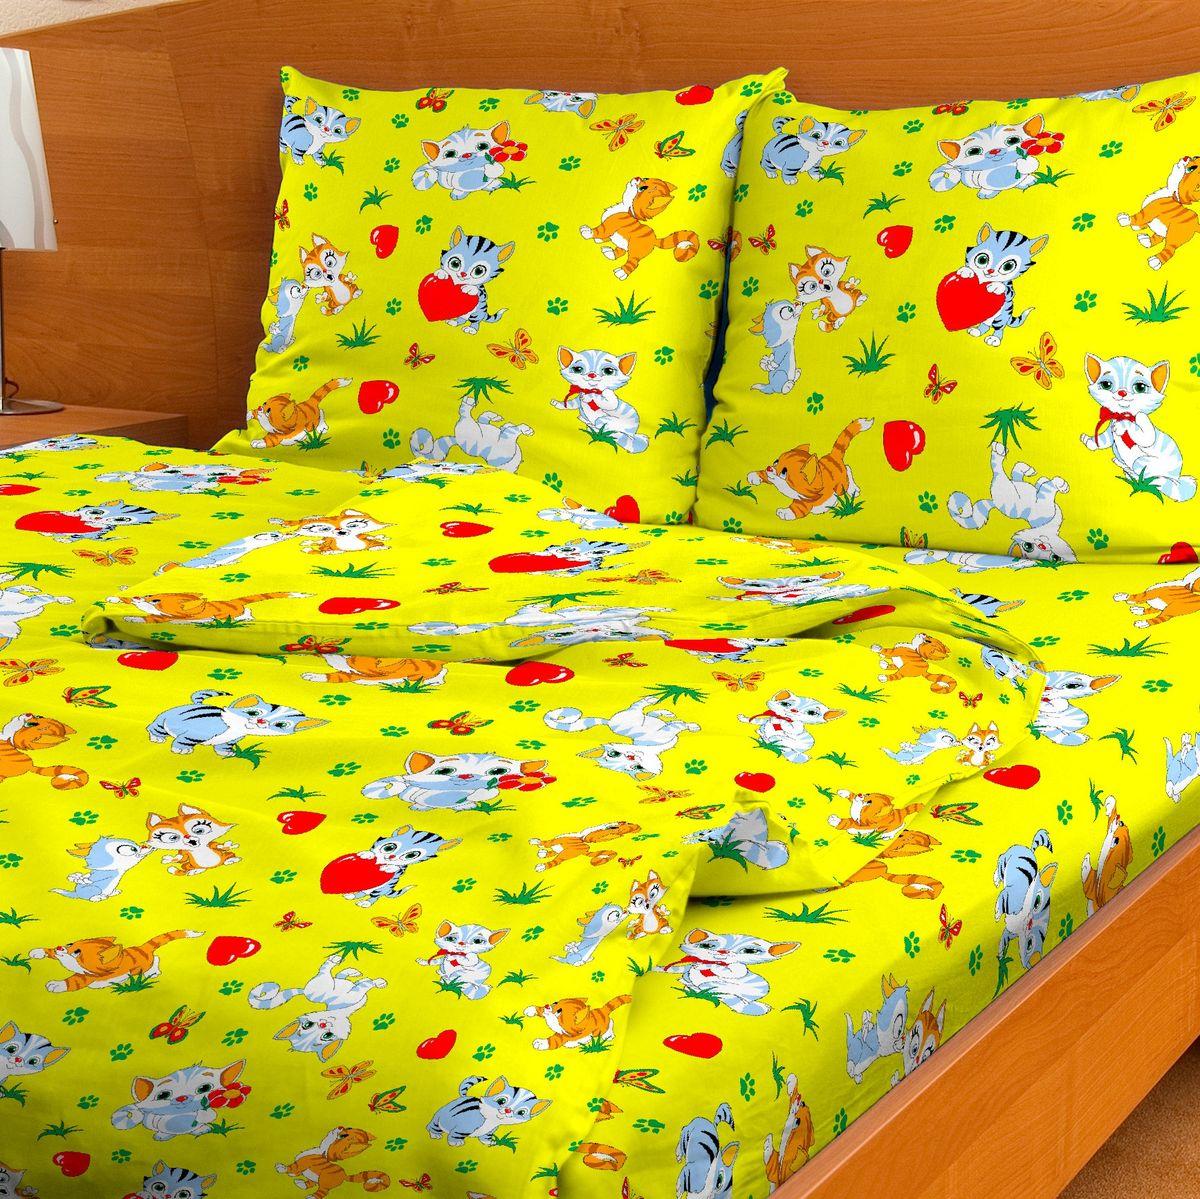 Letto Комплект детского постельного белья Мурзик186495Letto.kids - это веселые детские и подростковые дизайны, в хлопковом исполнении с хорошими устойчивыми красителями и все это по очень доступной цене! Такое белье прослужит долго и выдержит много стирок. Рисунок на наволочке может отличаться от представленного на фото.